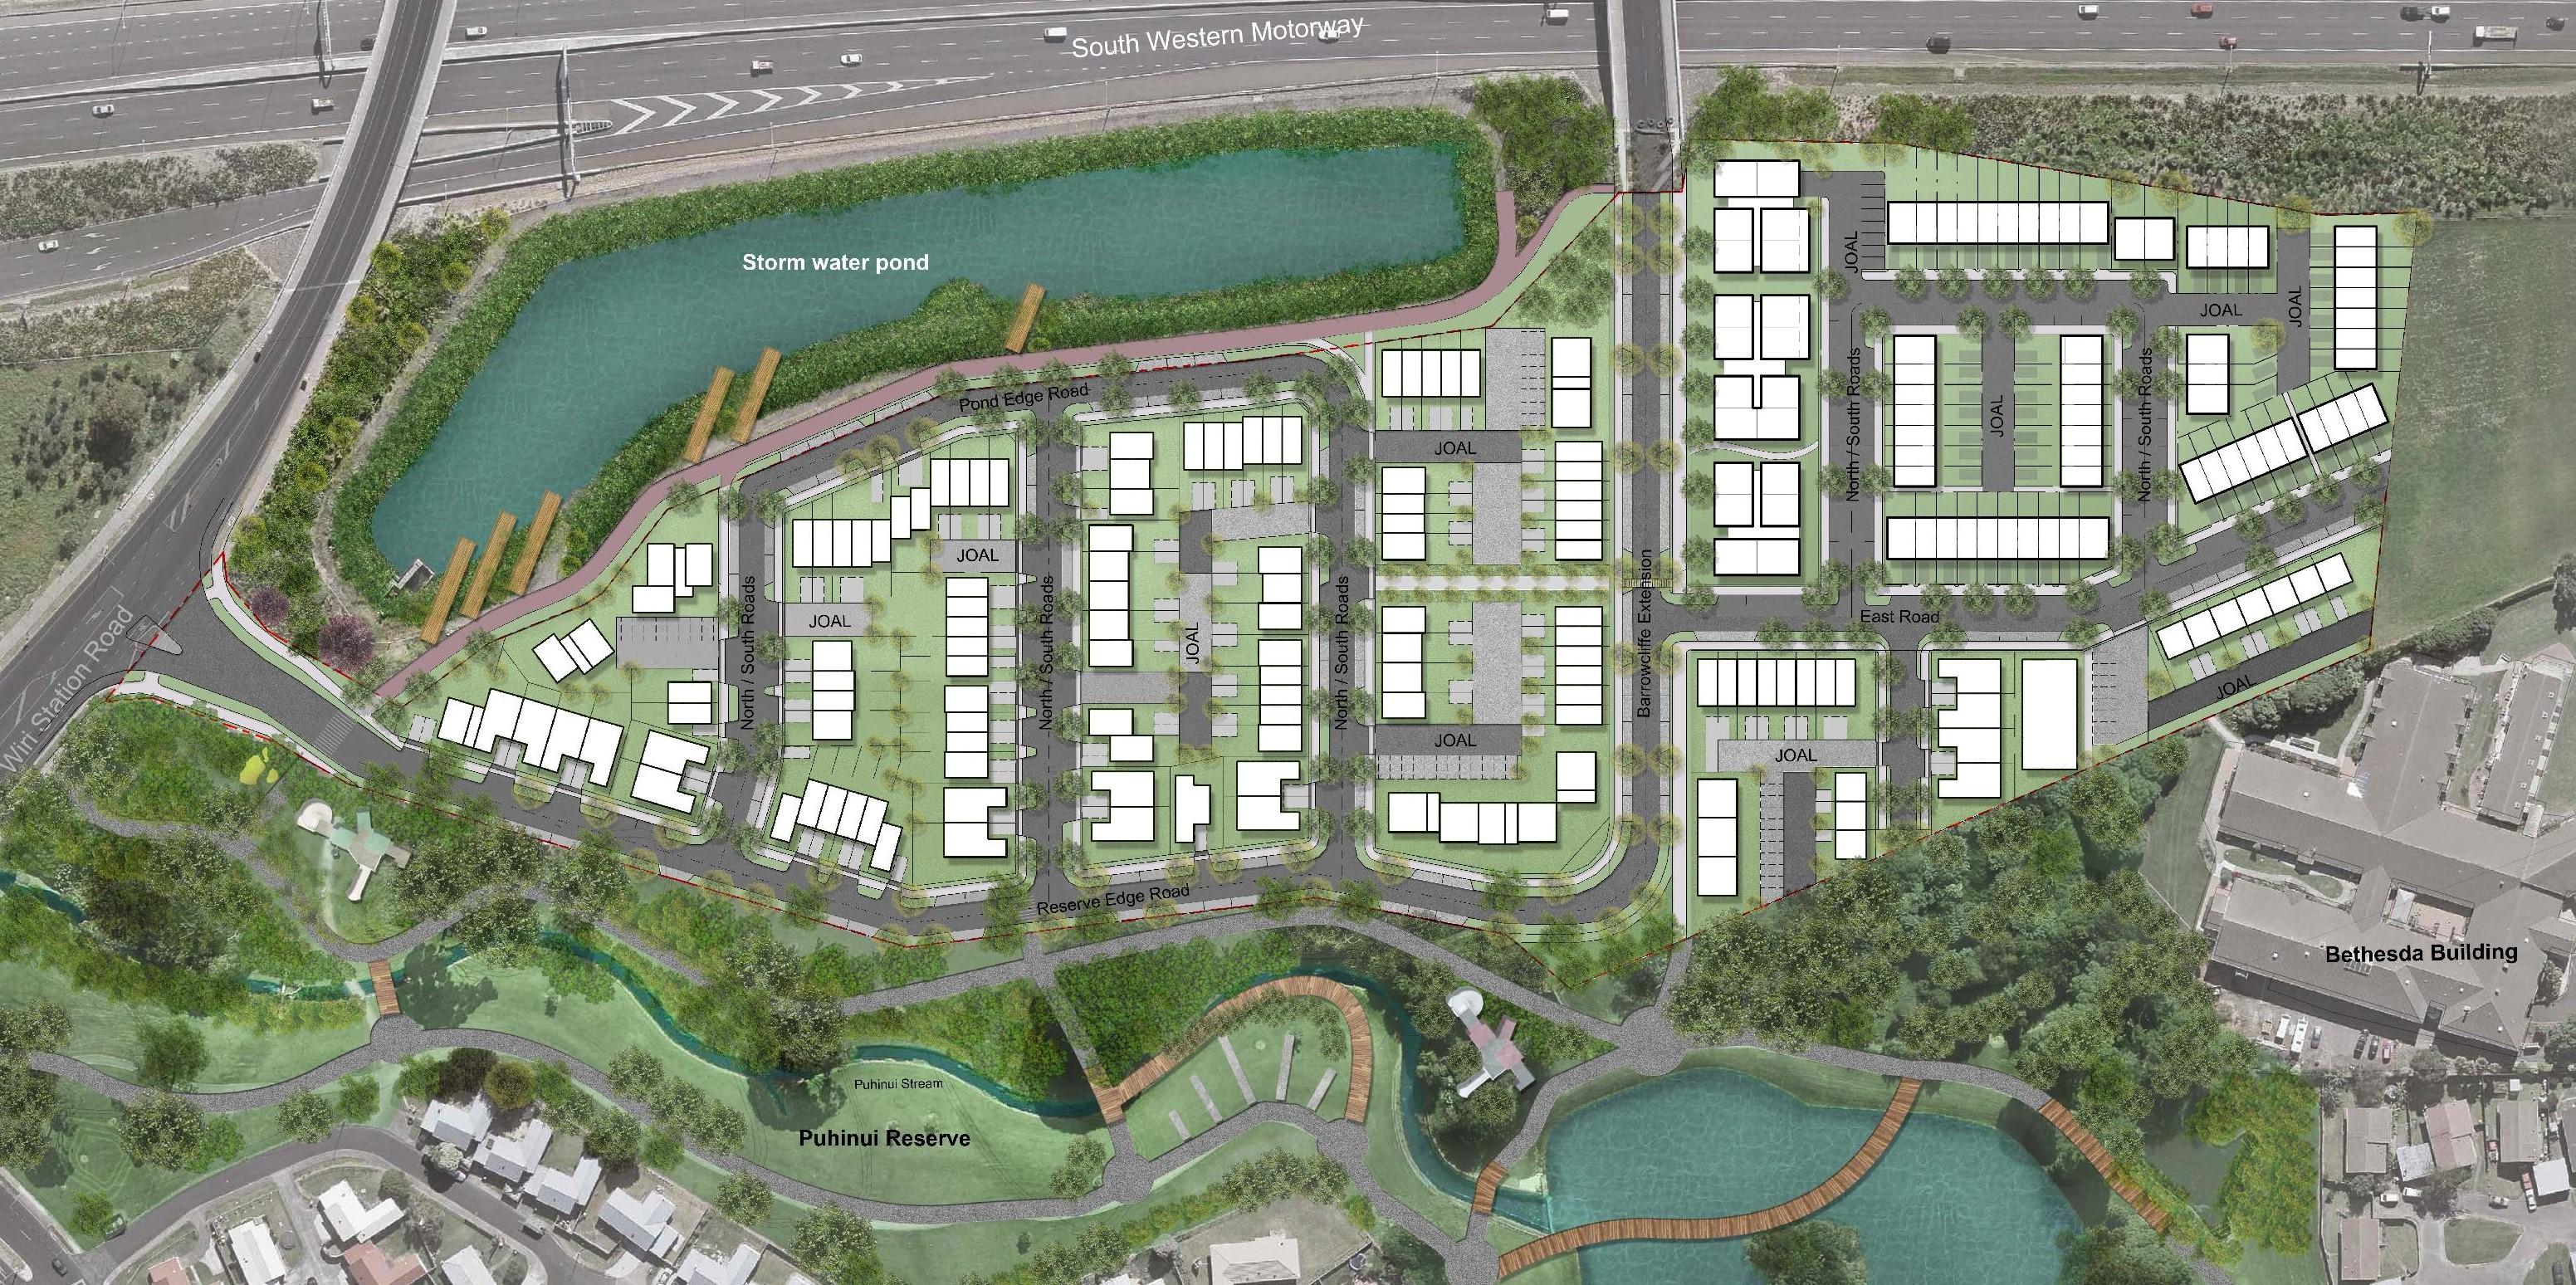 #OurManukau Barrowcliffe Development (Kōtuitui Place) Sees 300 New Homes. Part 28 of #TransformManukau